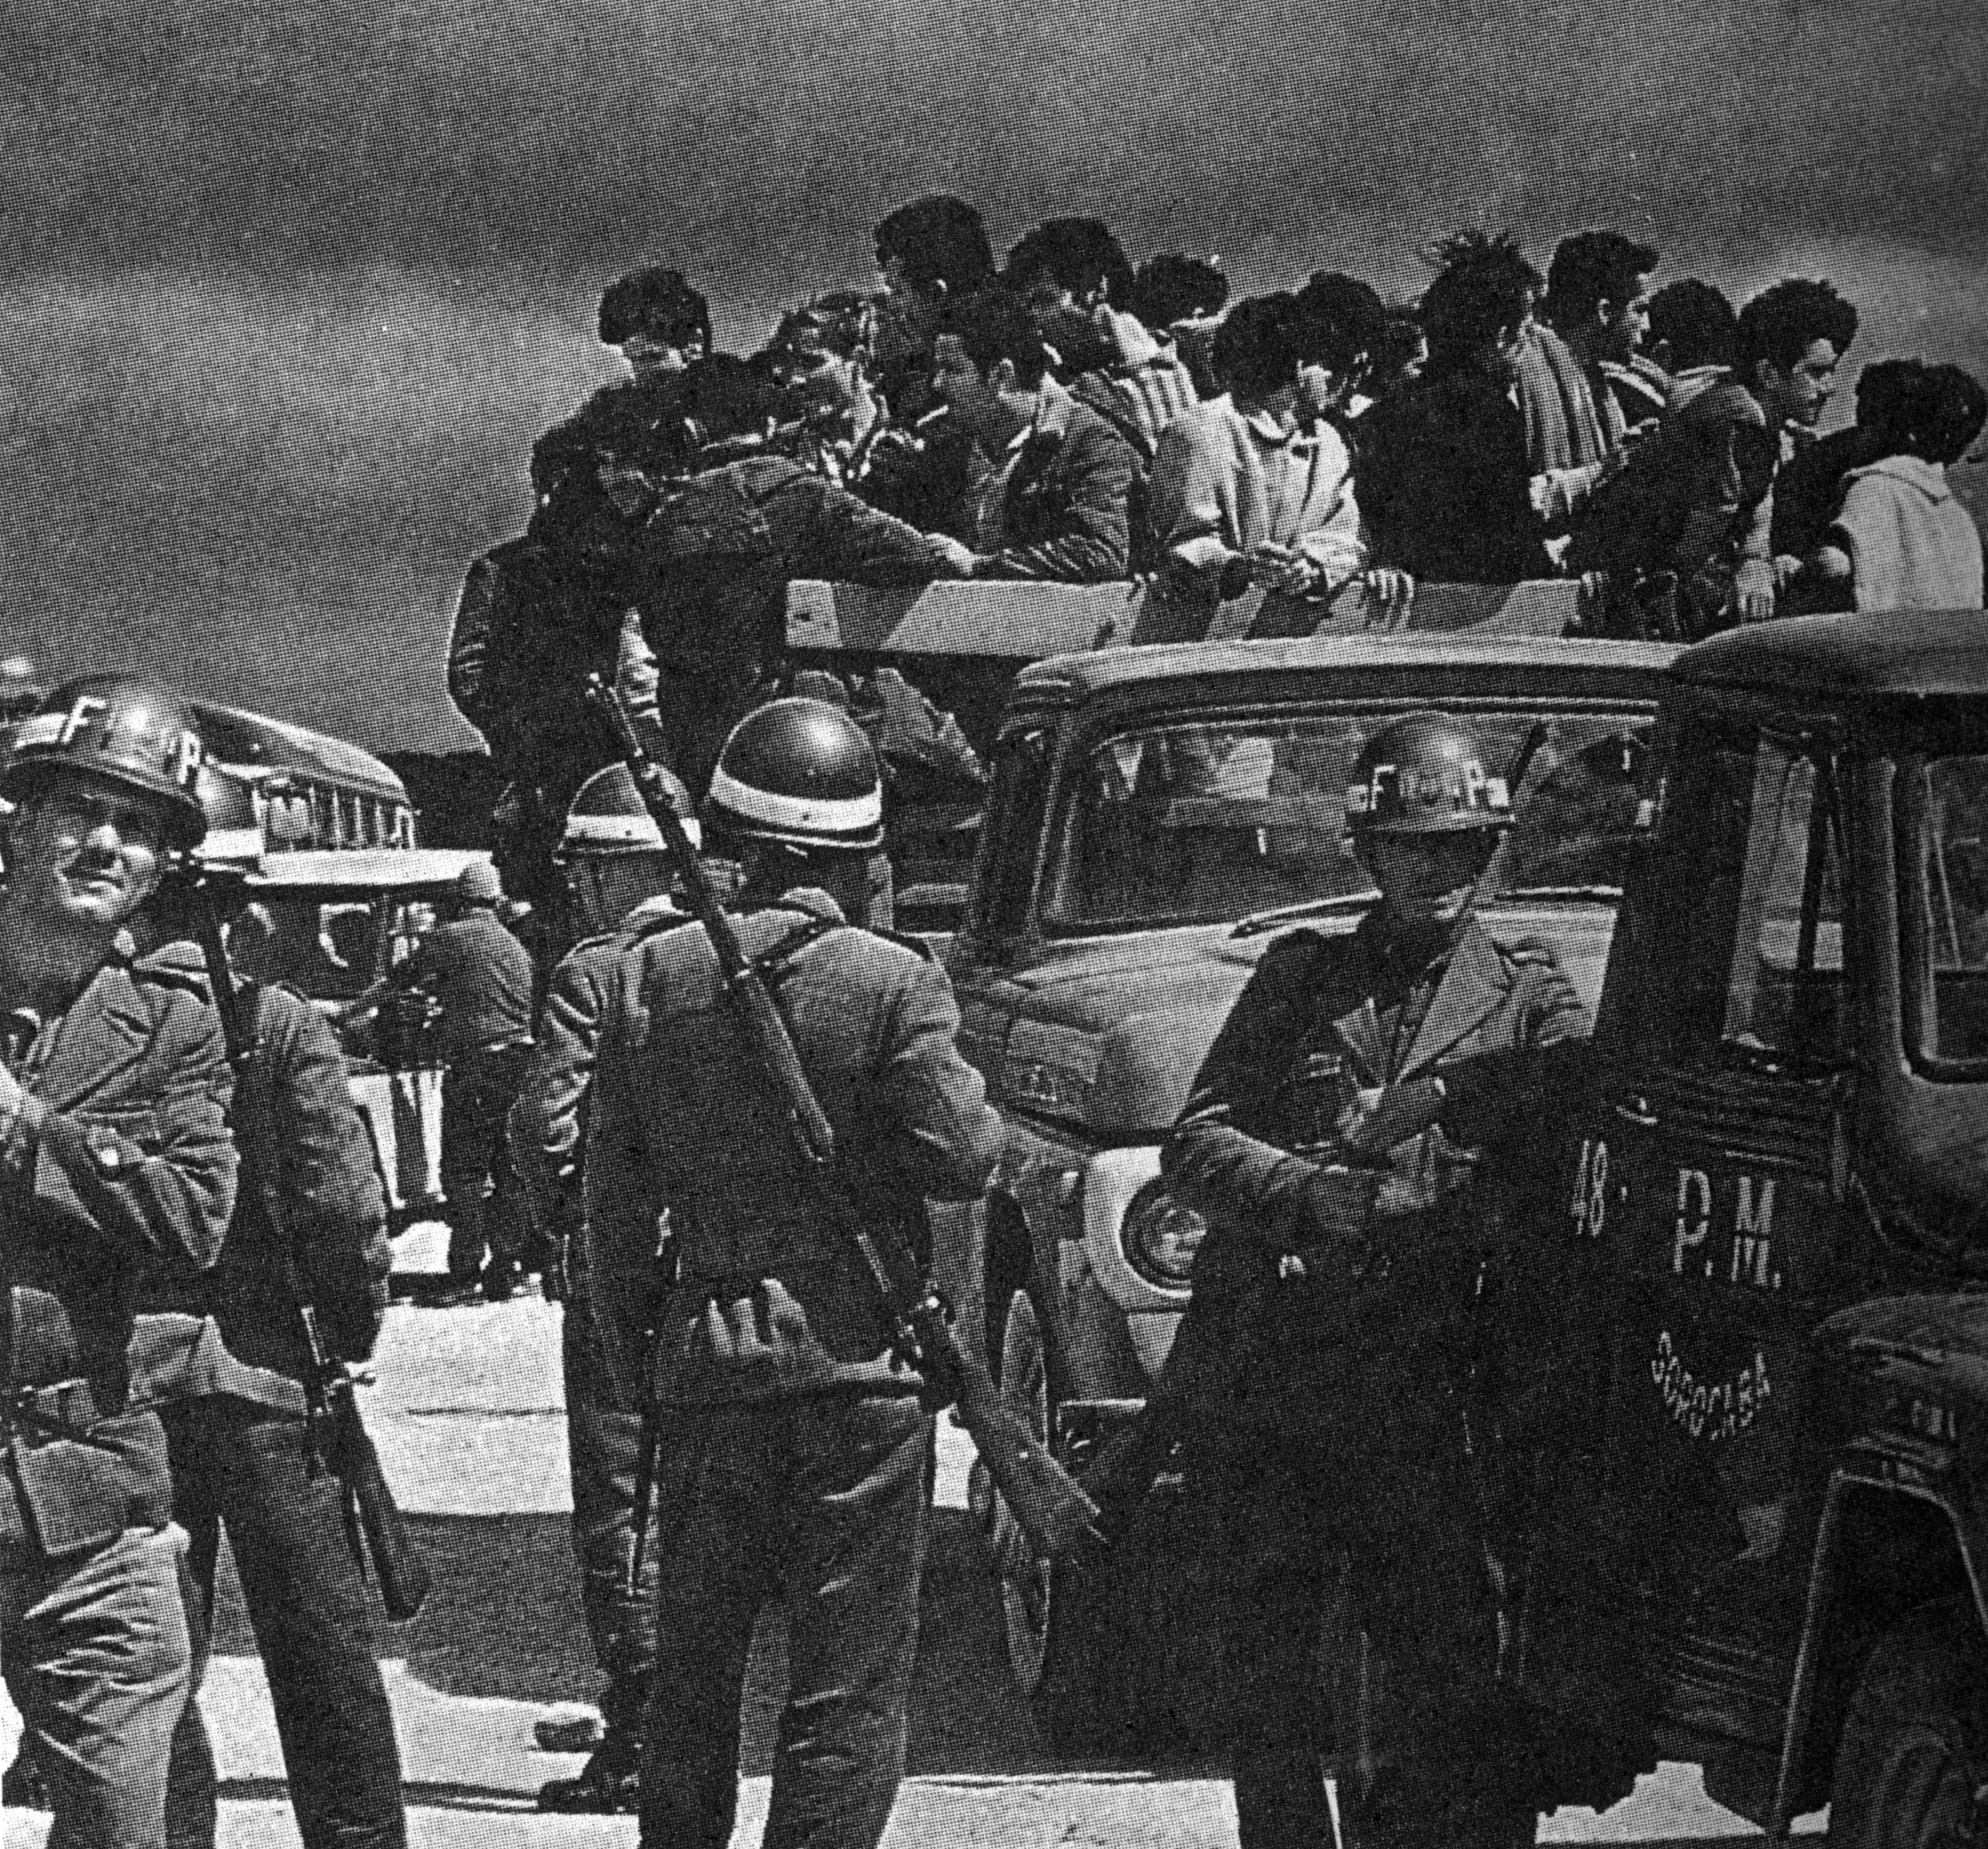 Grupo de estudantes é levado pela Força Policial em caminhonete